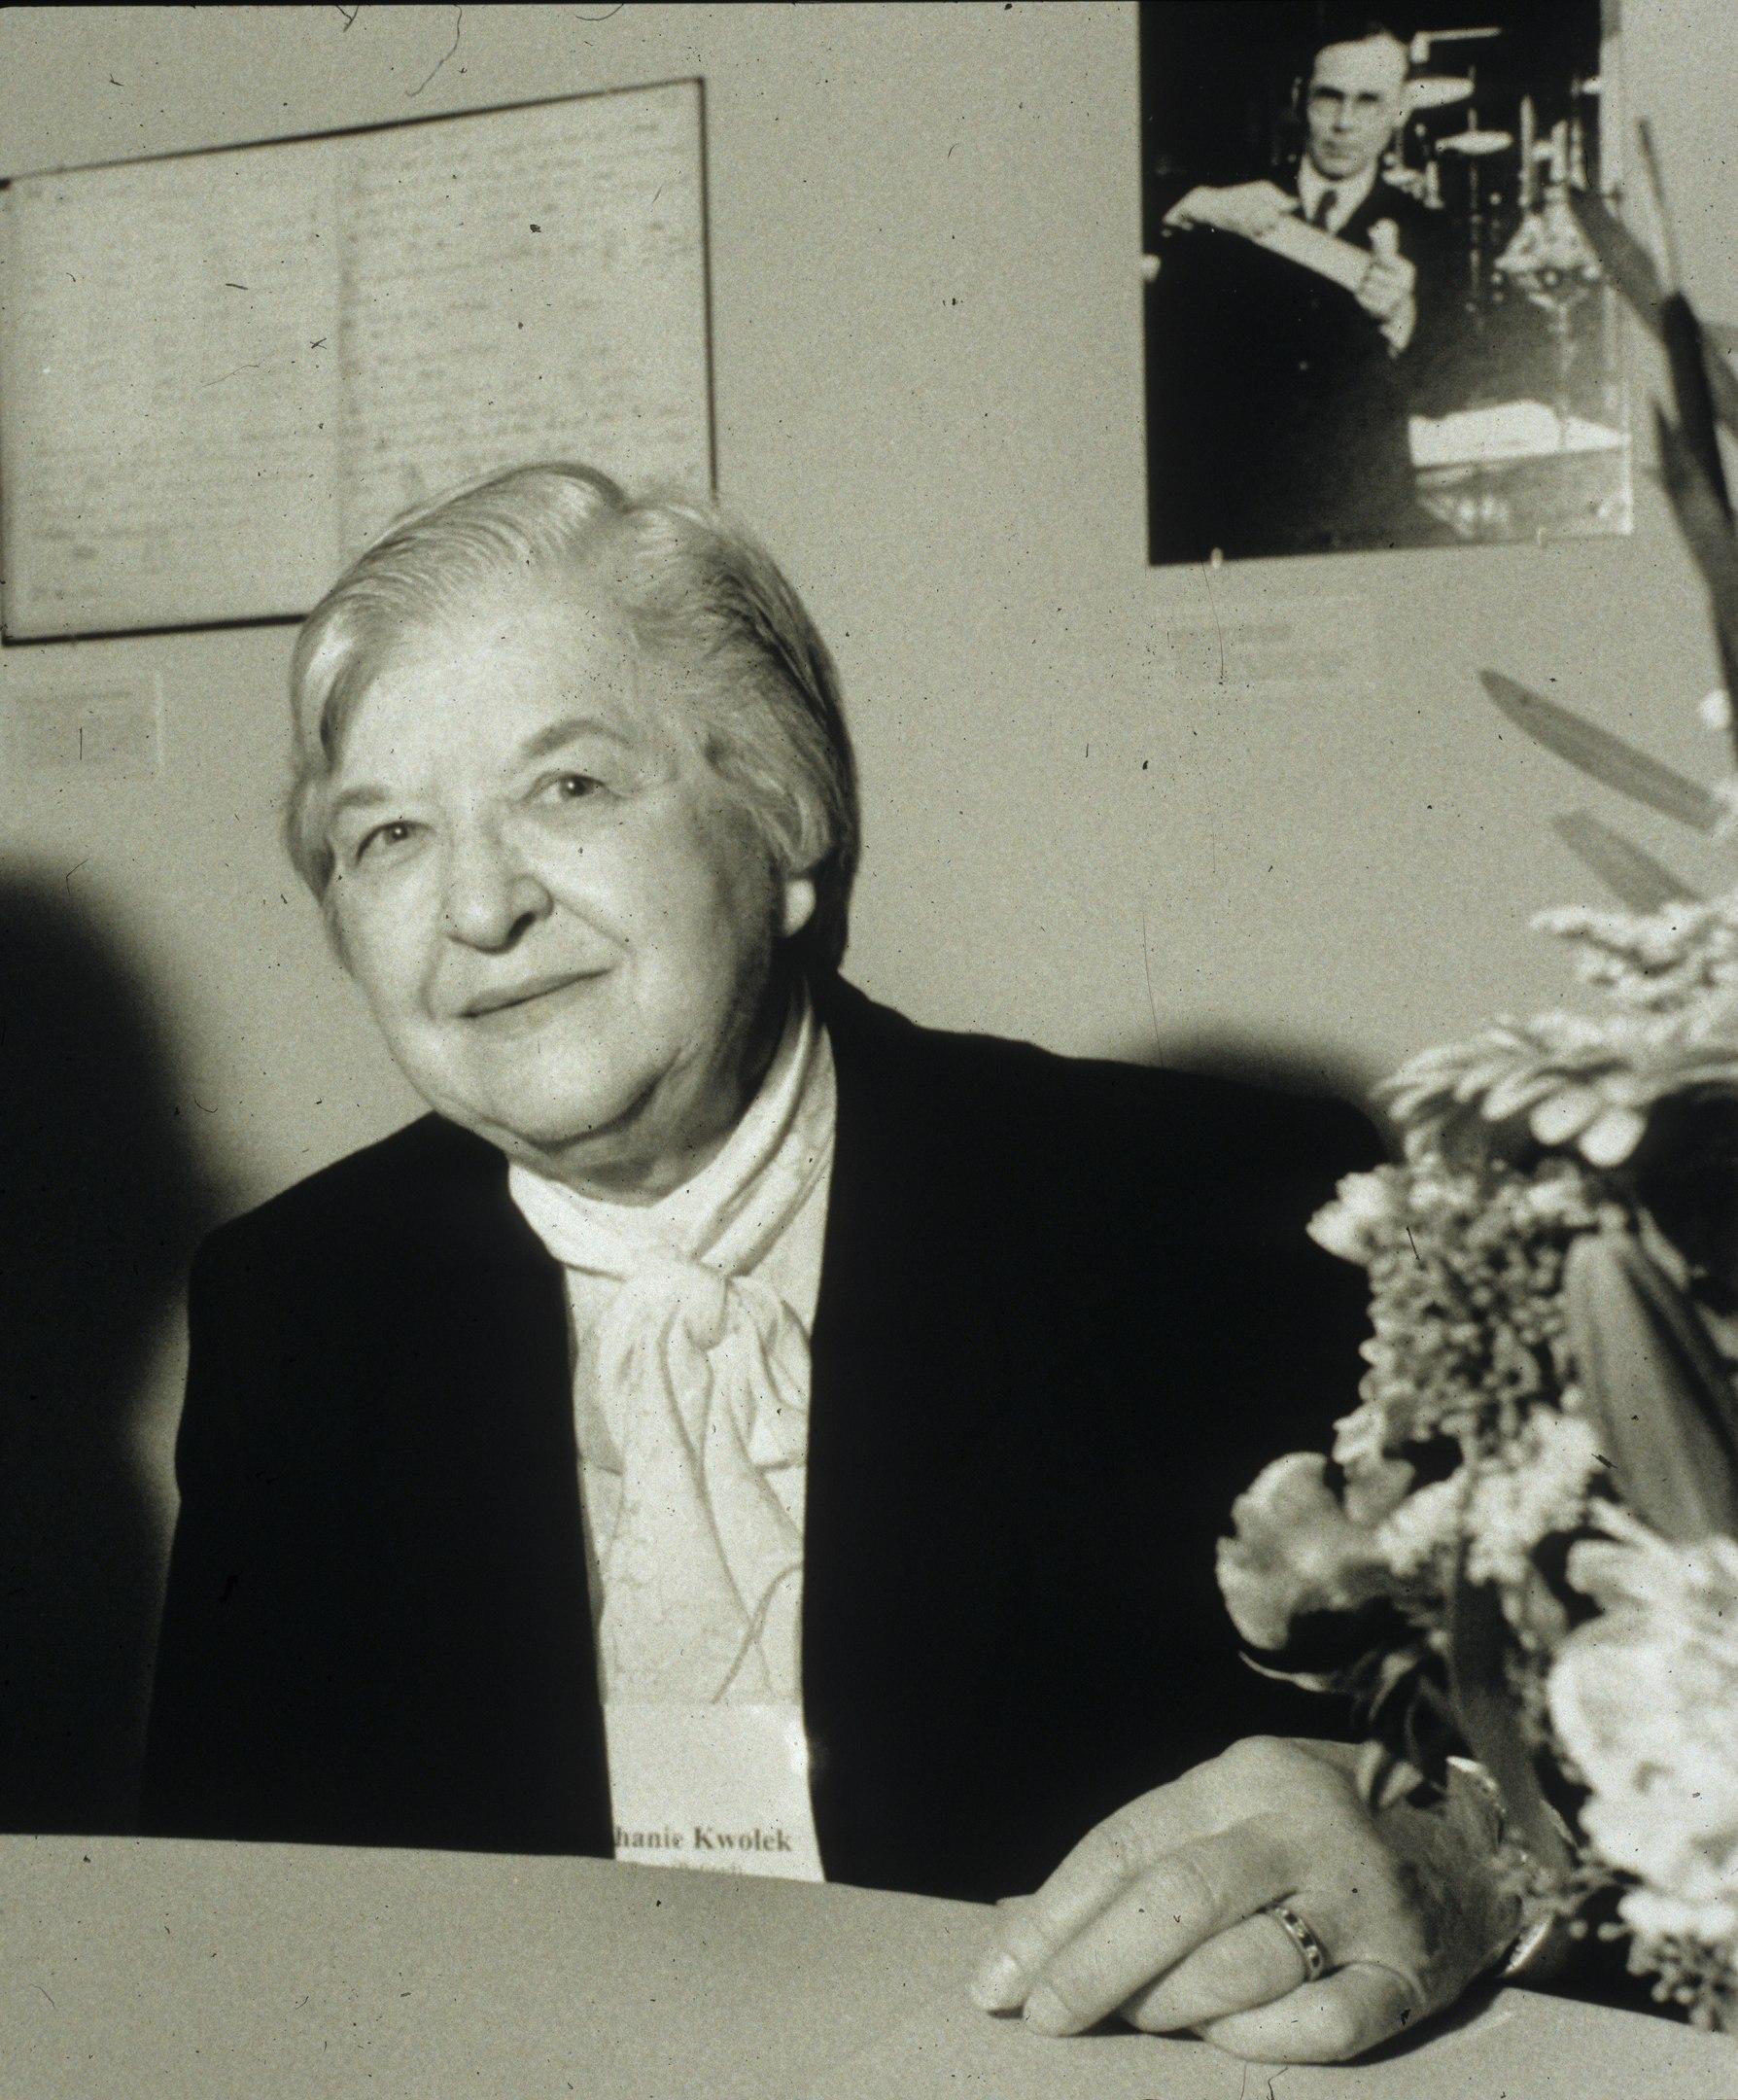 A portrait of Stephanie Kwolek